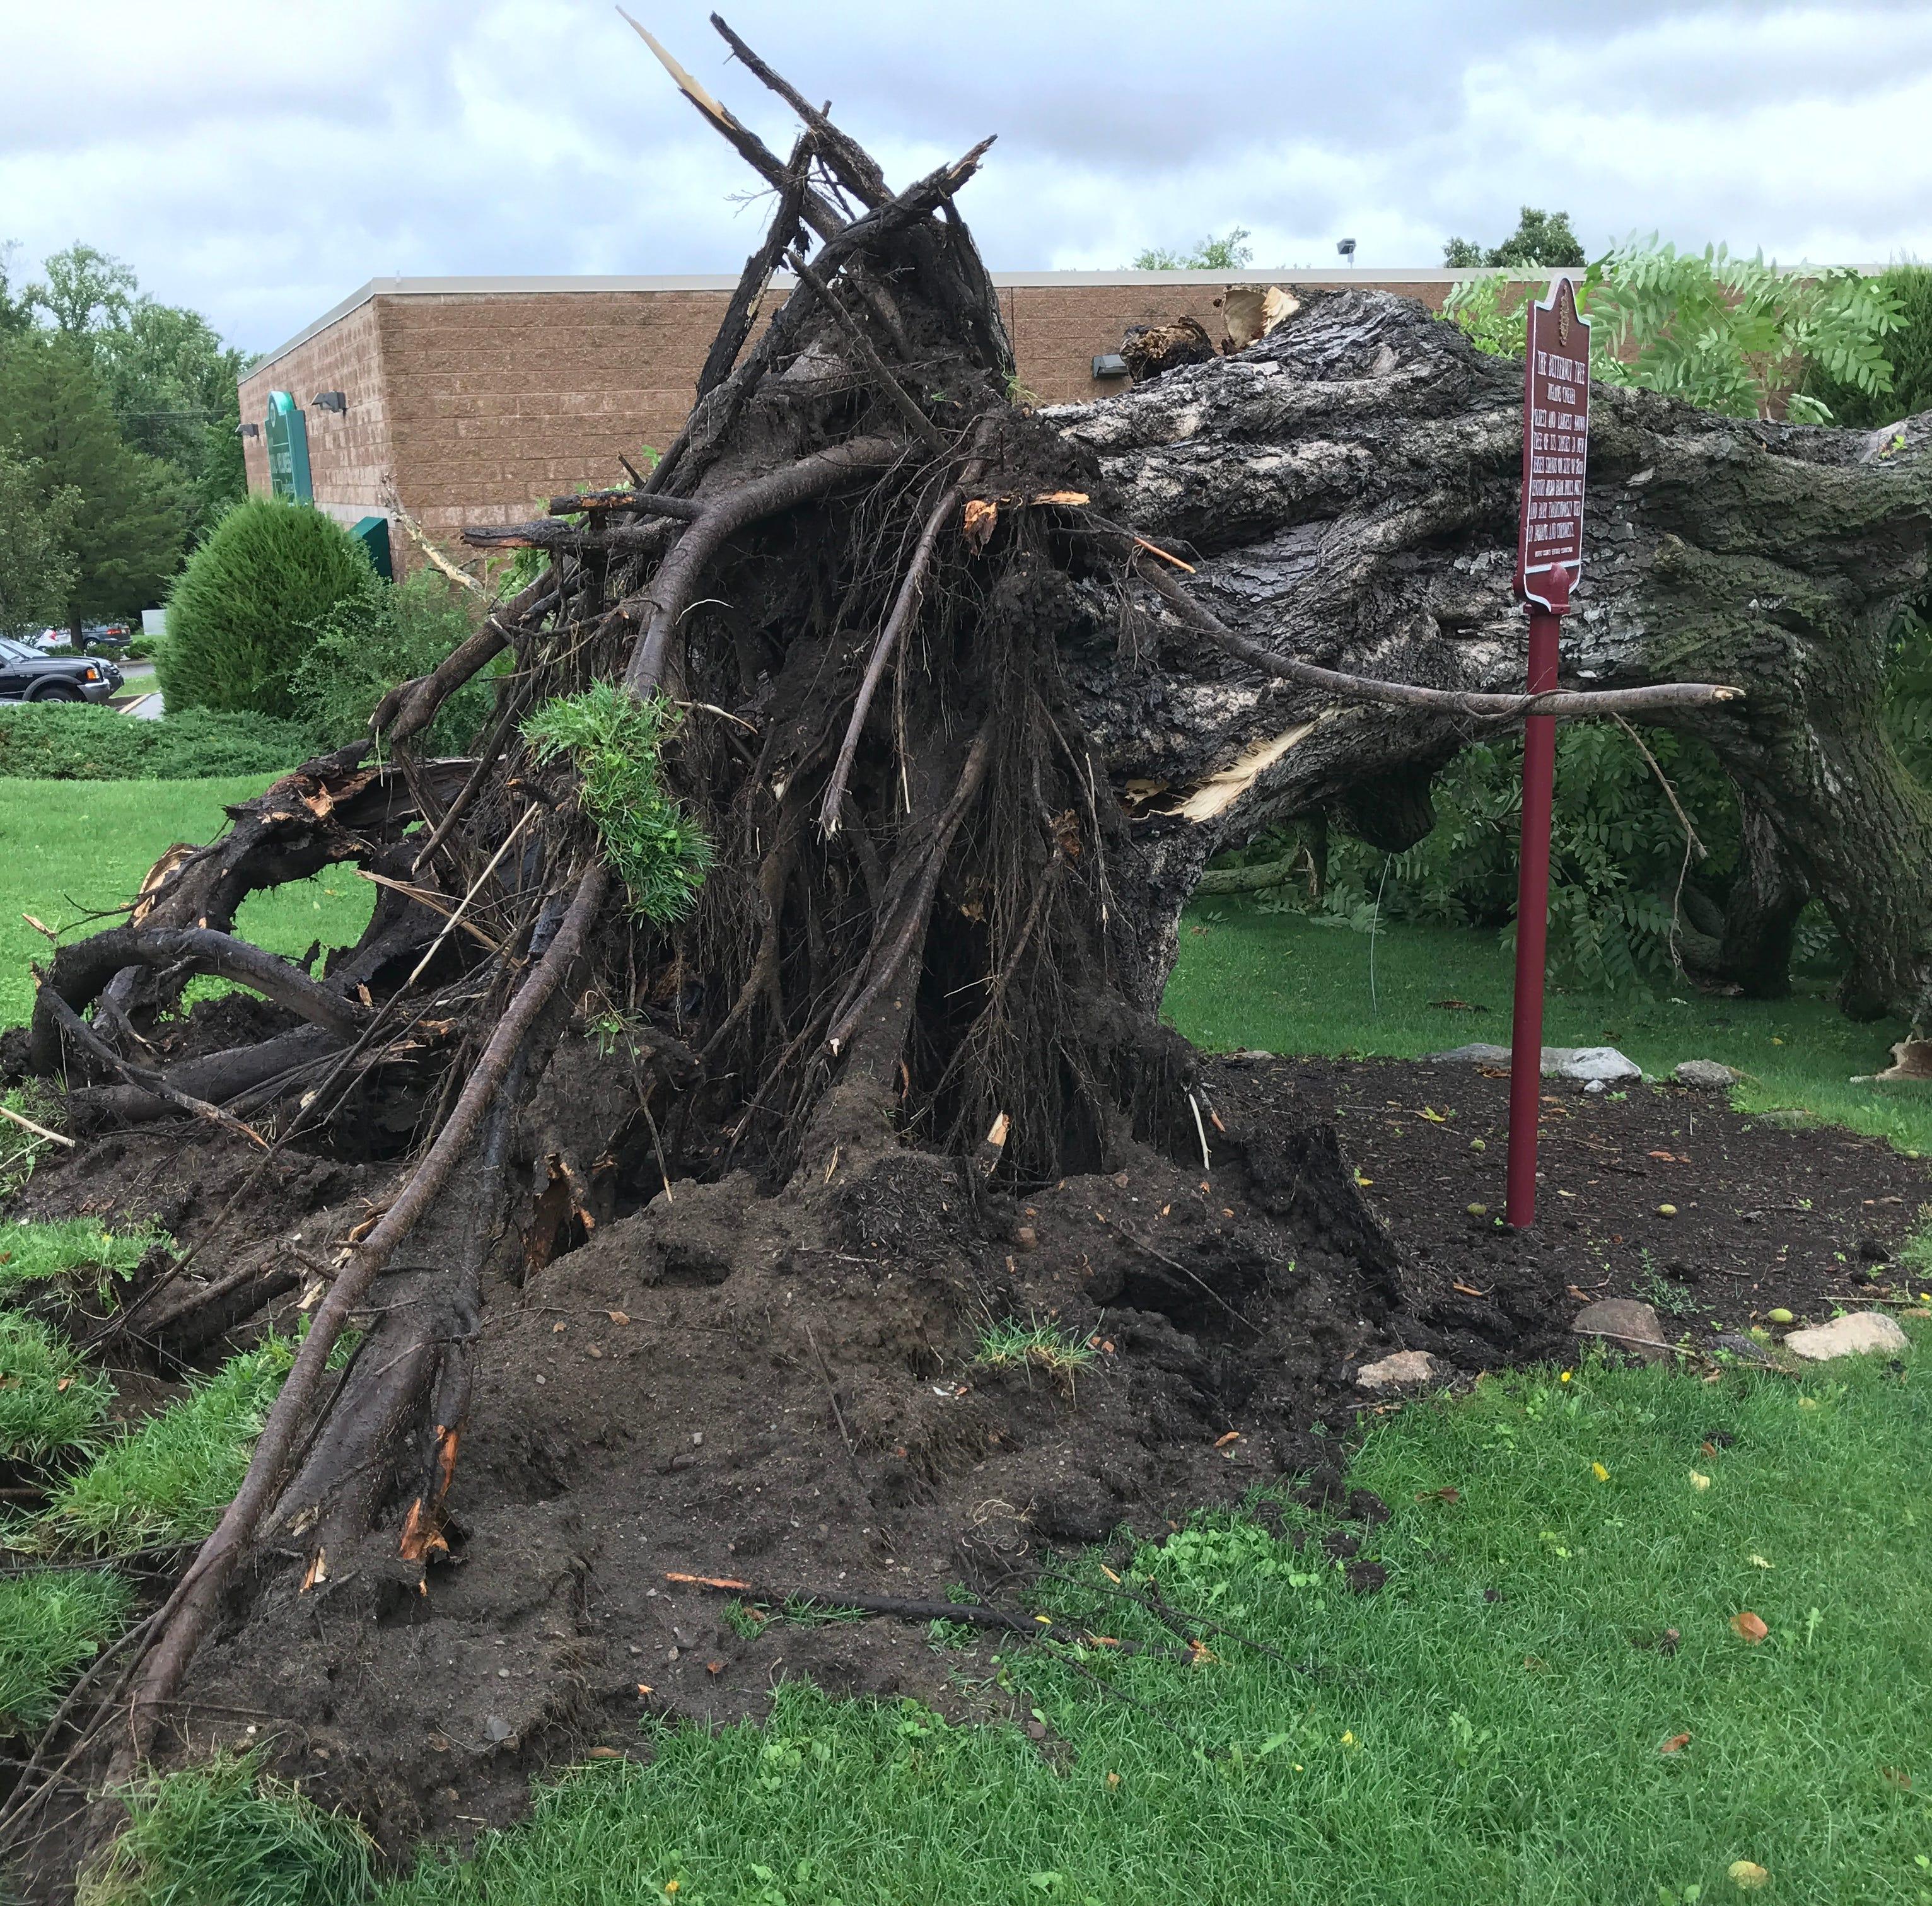 Largest, oldest butternut tree in New Jersey, beloved in Kinnelon, destroyed by storm